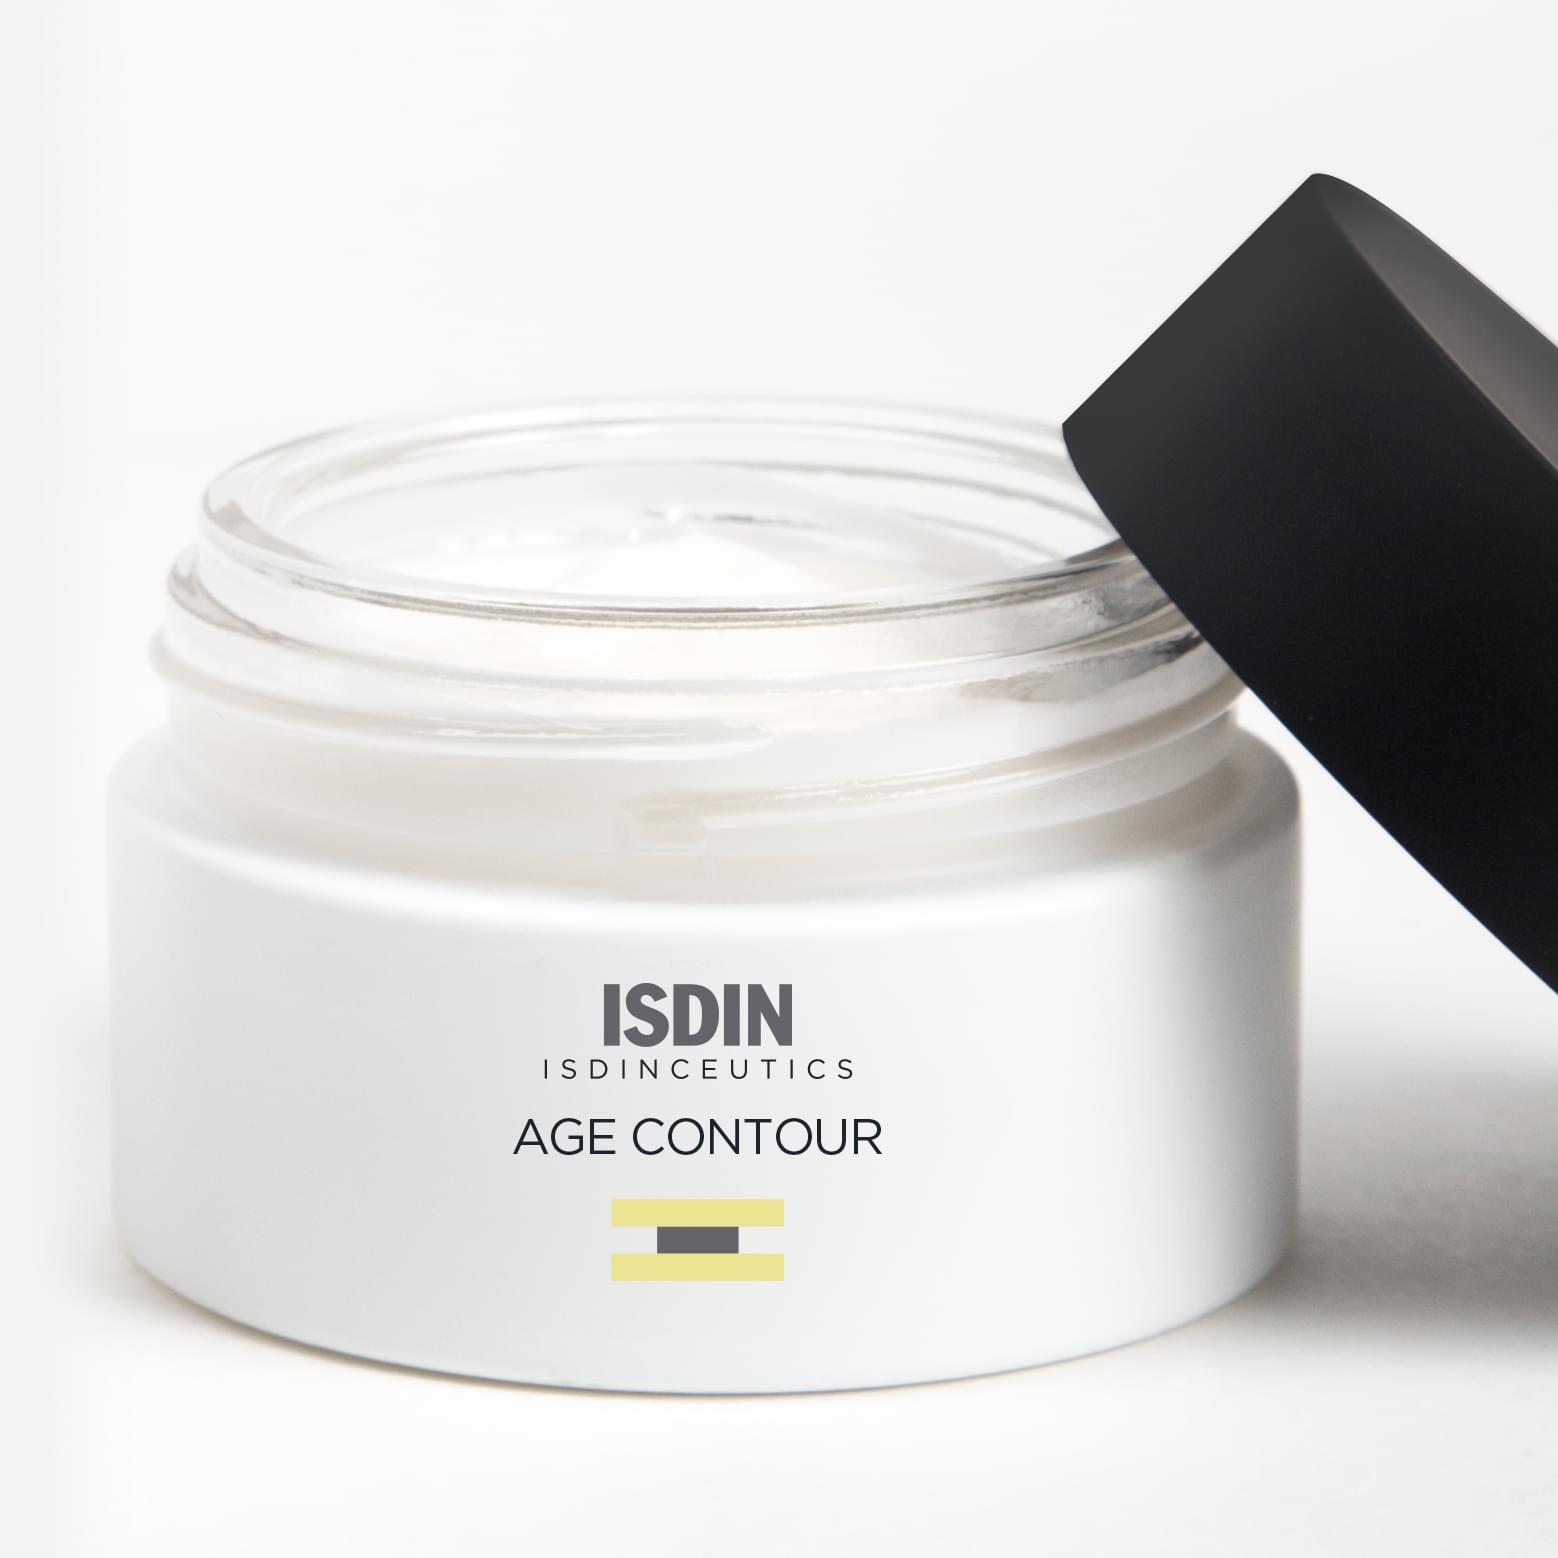 AGE CONTOUR | Isdinceutics ISDIN